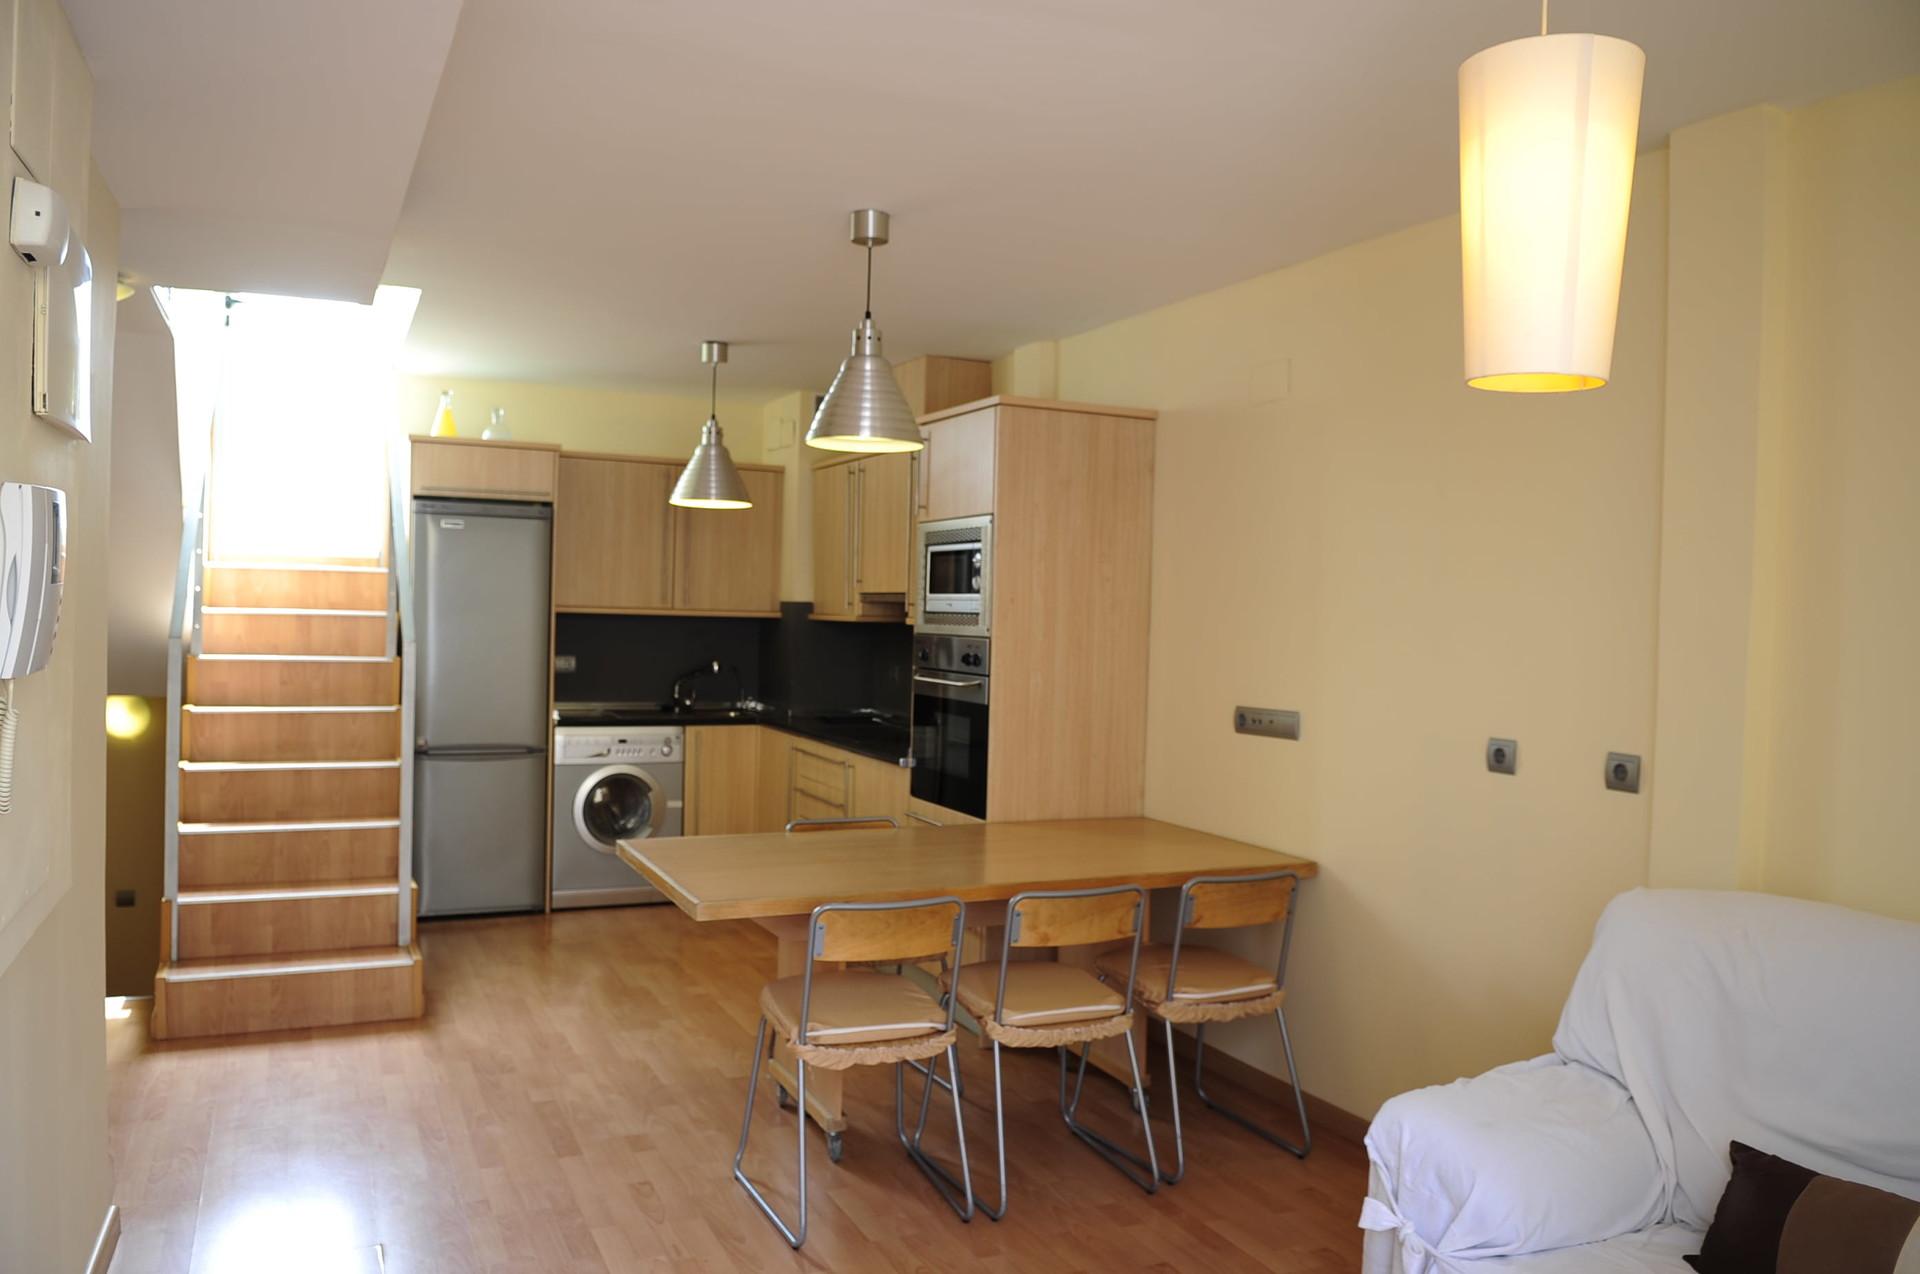 precioso-atico-de-2-habitaciones-8a4654caa9201c76b274cd45fbd83781